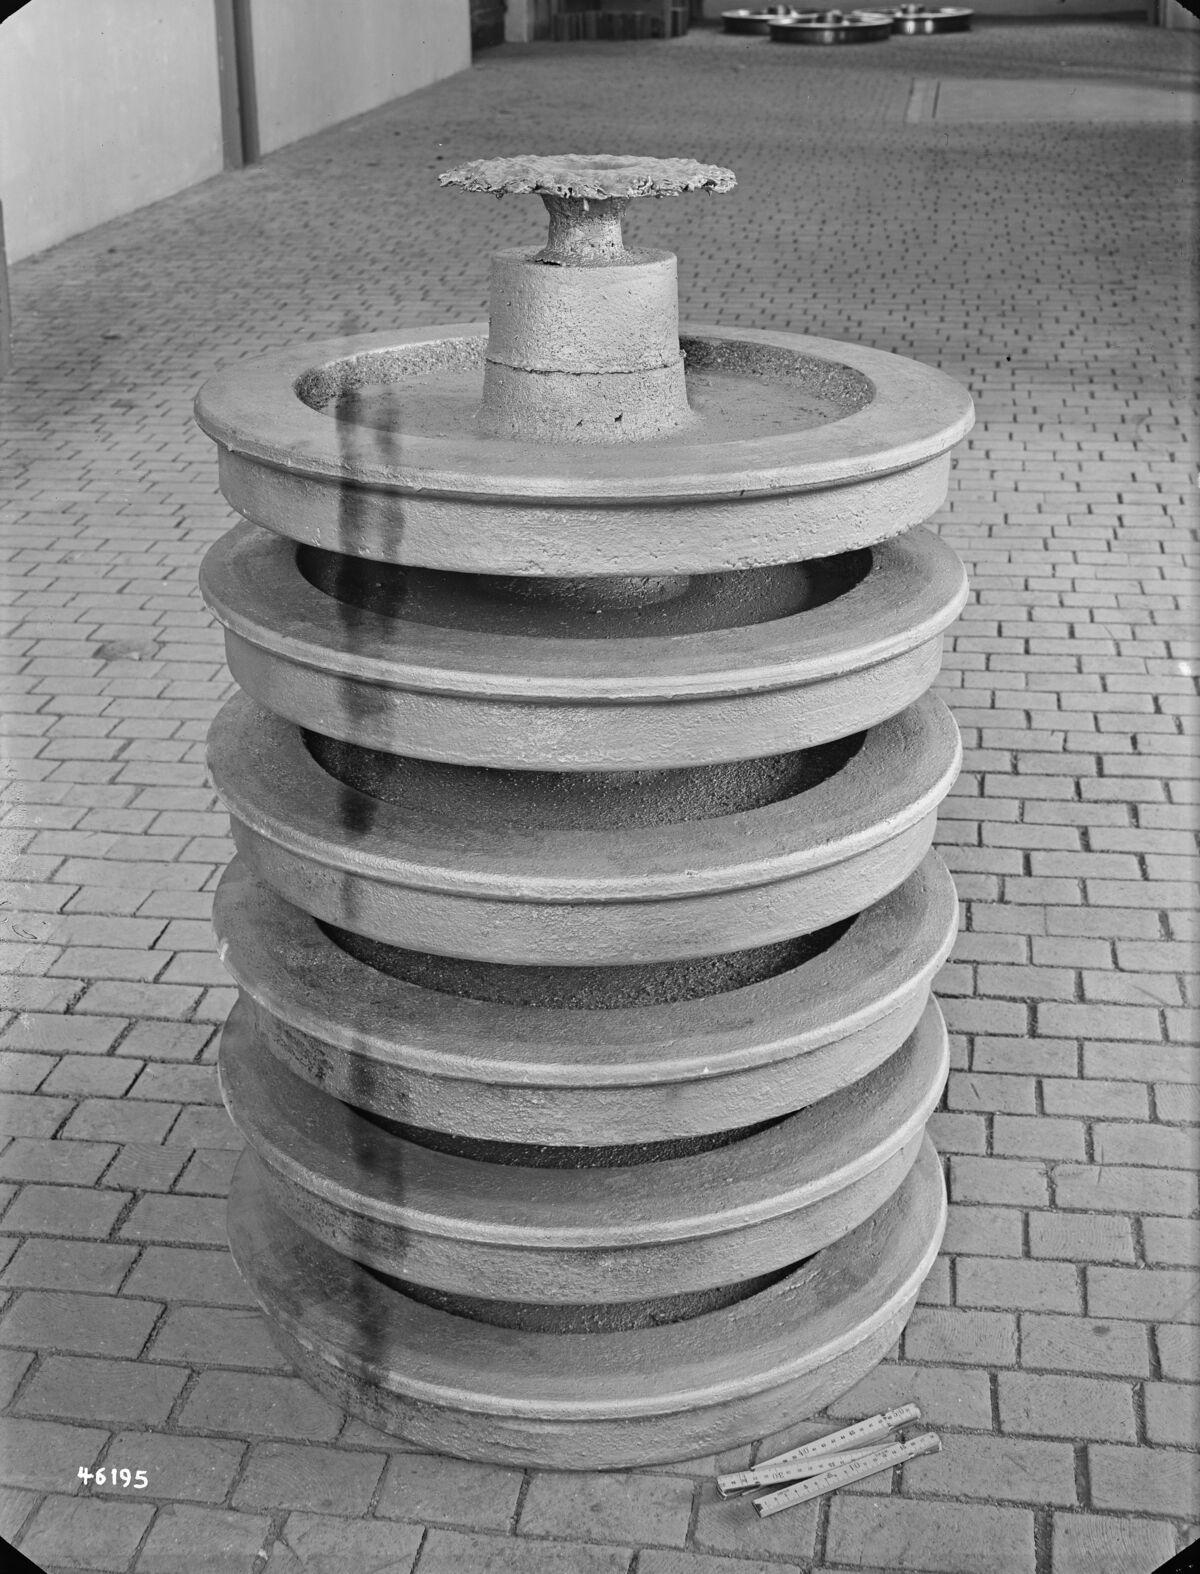 GFA 16/46195: Wheel disc monobloc, municipal tram, Zurich